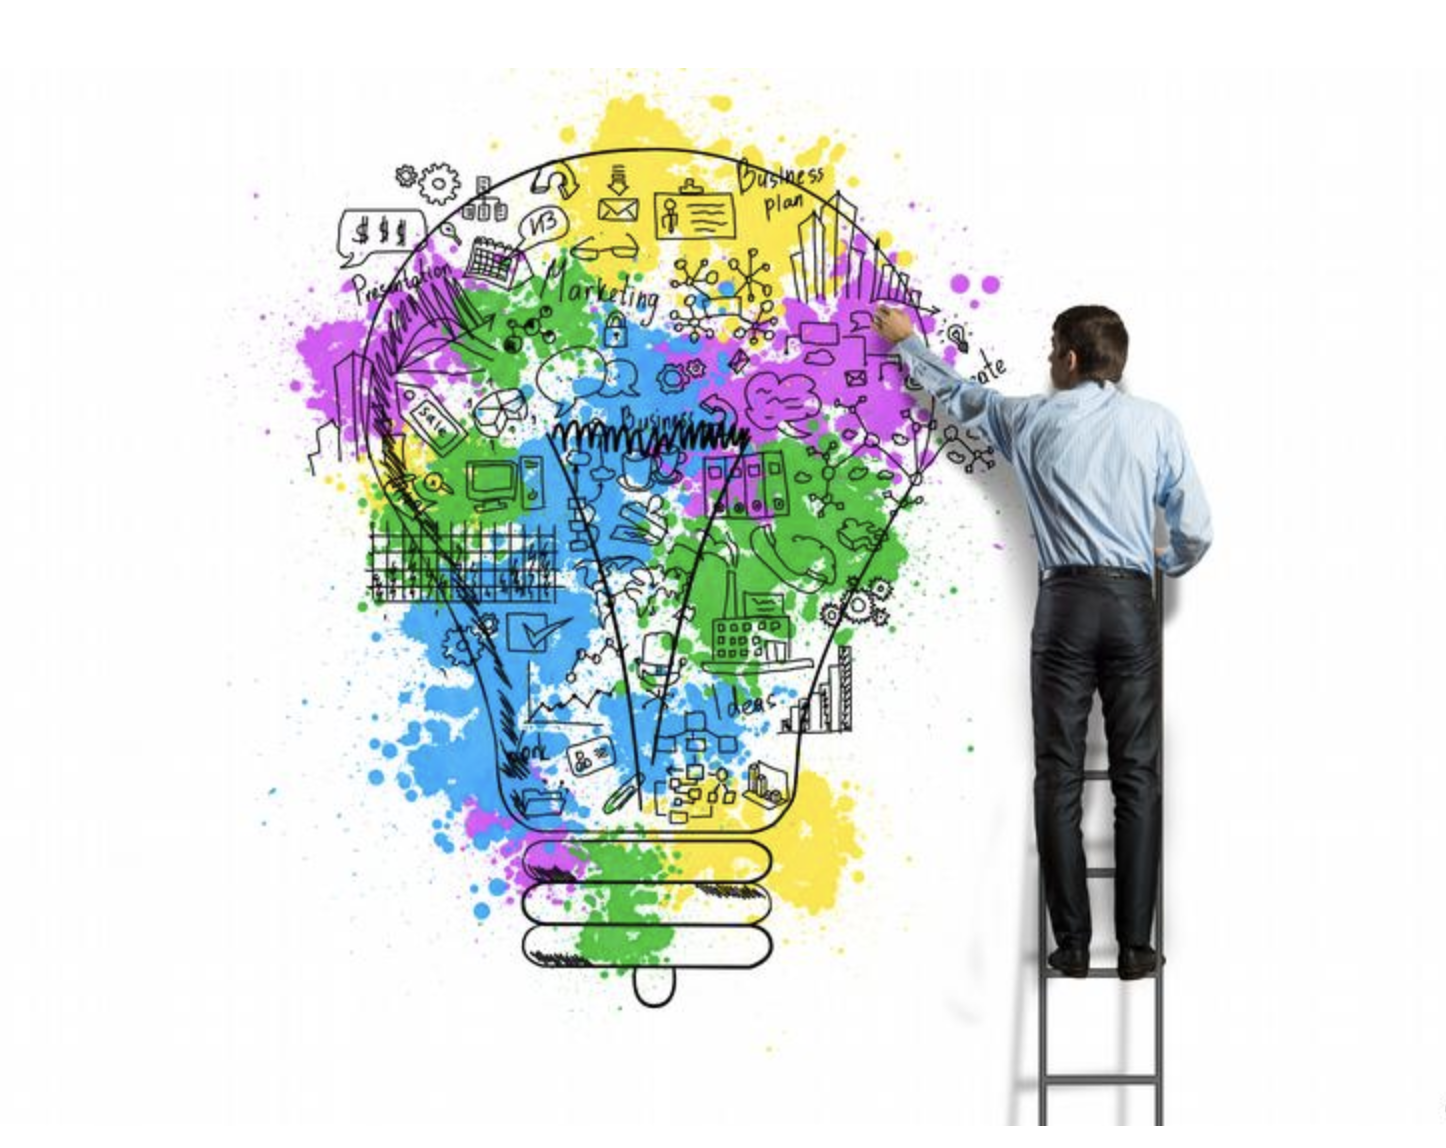 أي دور للمؤسسات التربوية في تنمية الإبداع؟